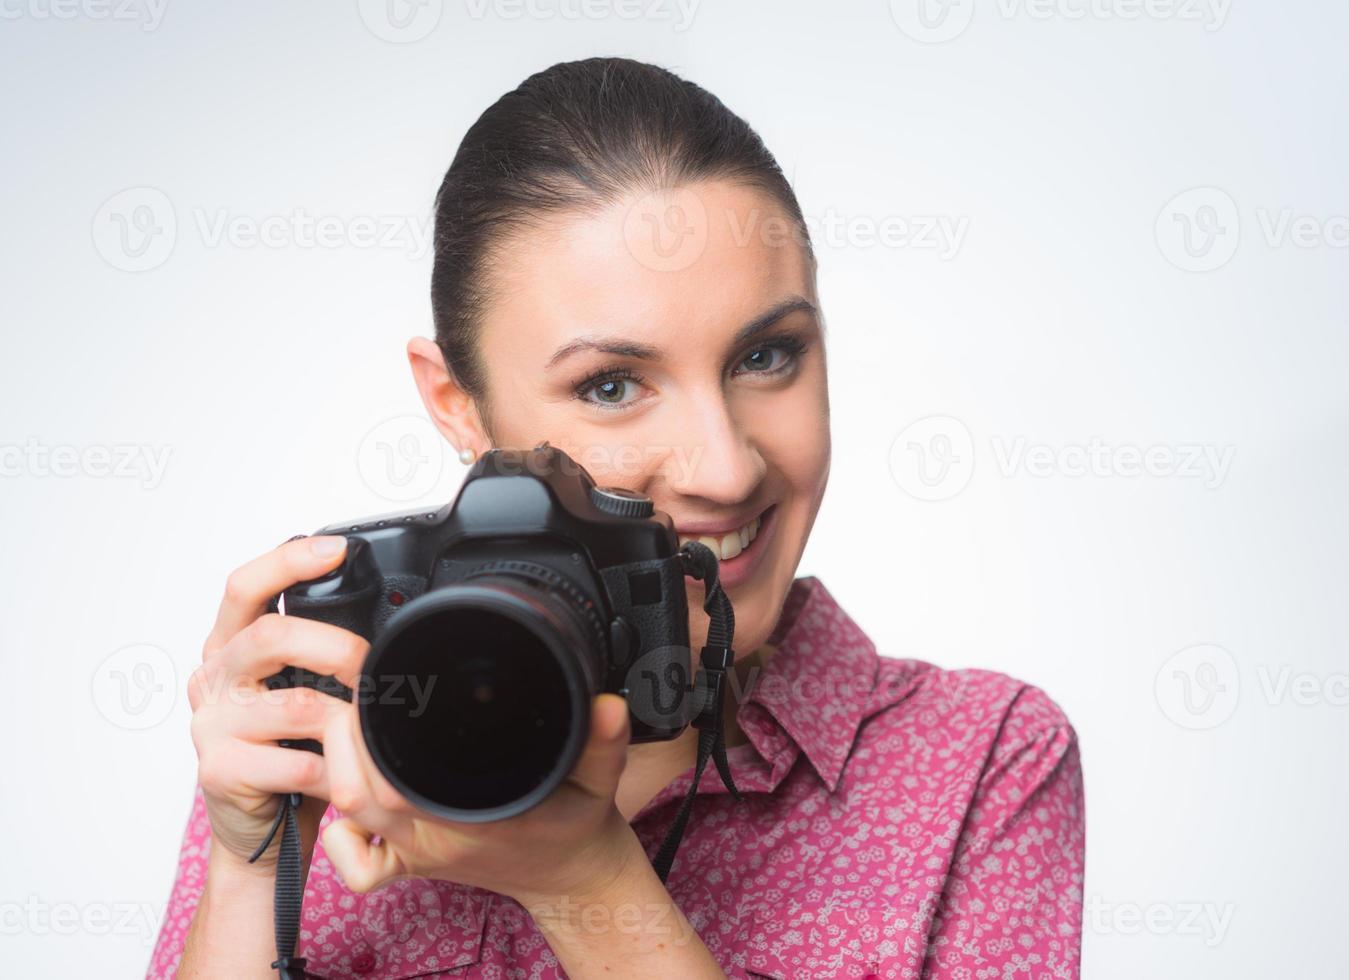 fotografo di ripresa foto